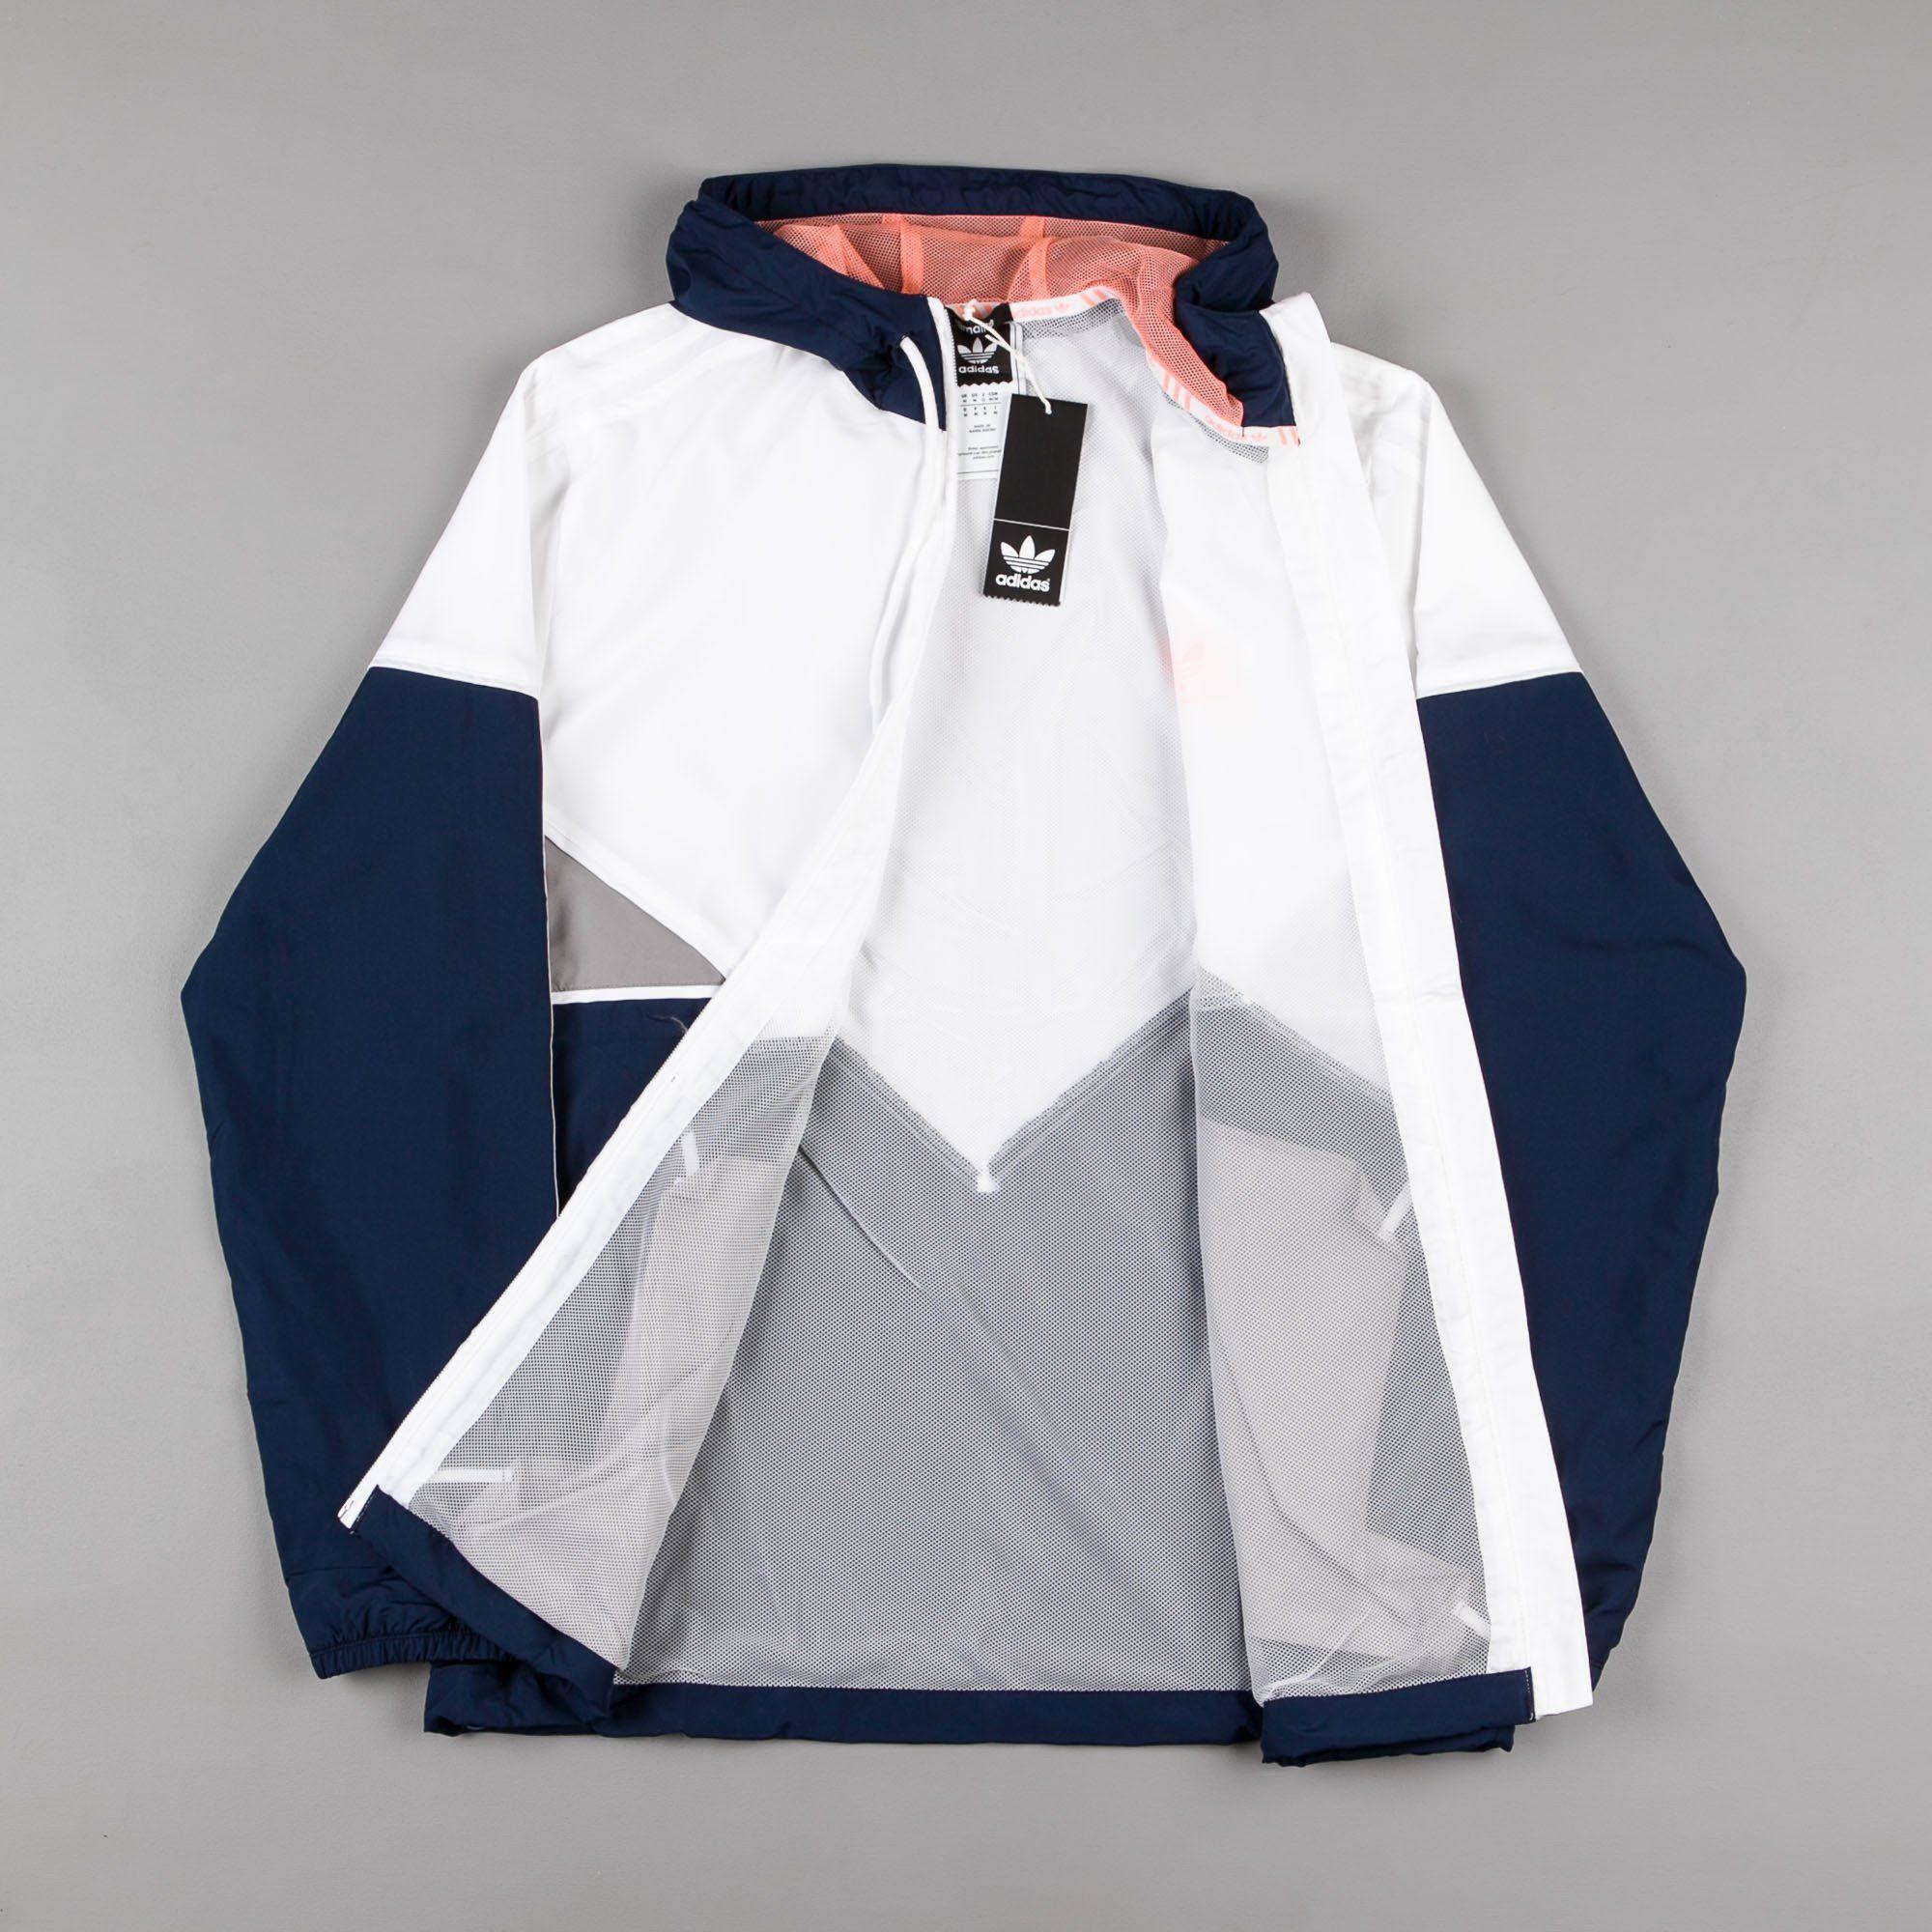 7d8a14ef3a00 Adidas Premiere Windbreaker Jacket - Navy   White   Sun Glow